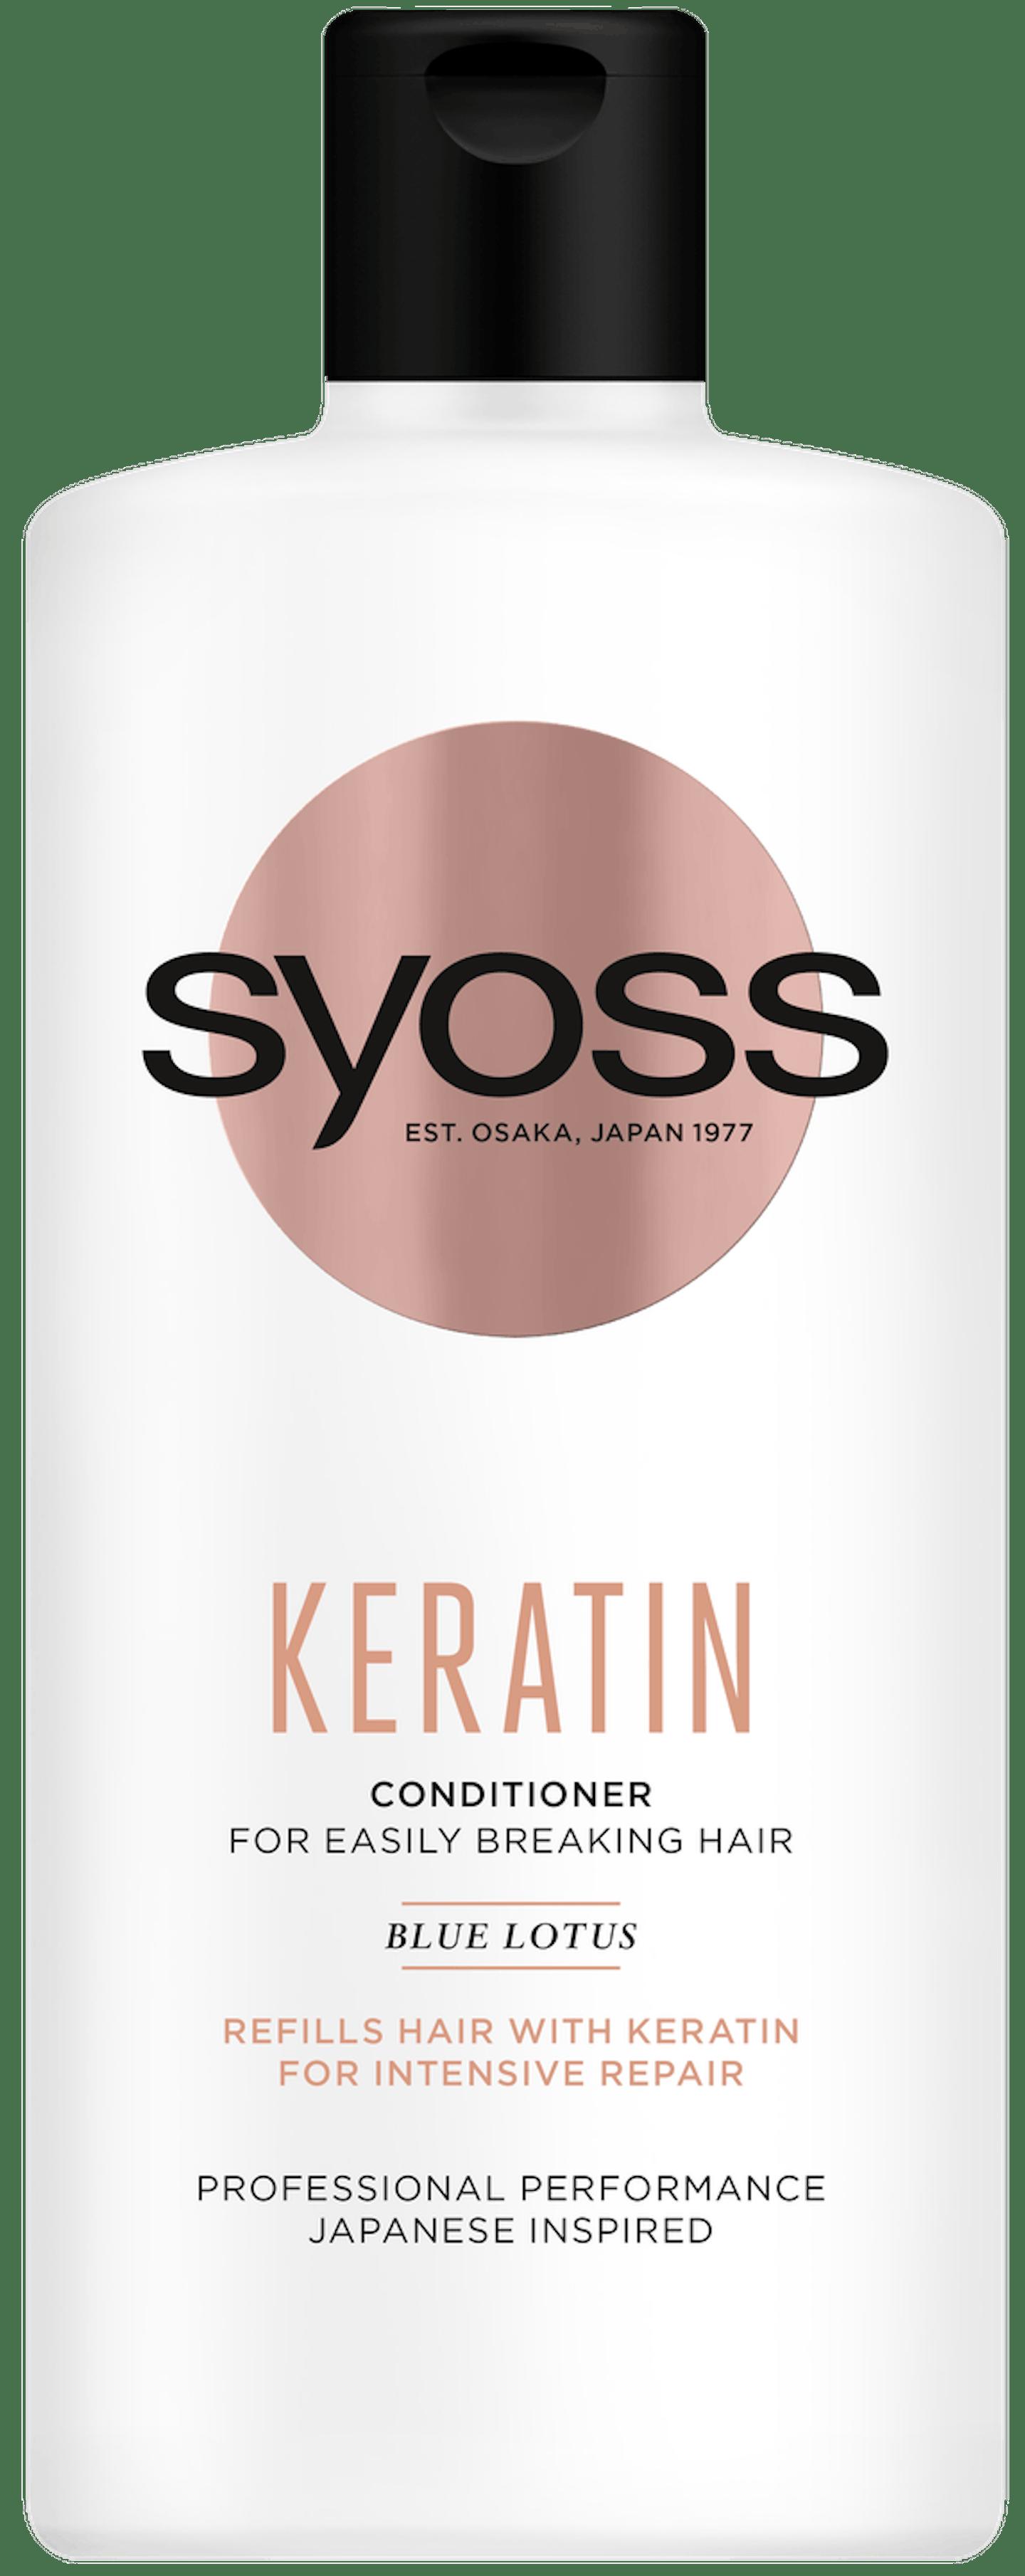 Syoss Keratin regenerator